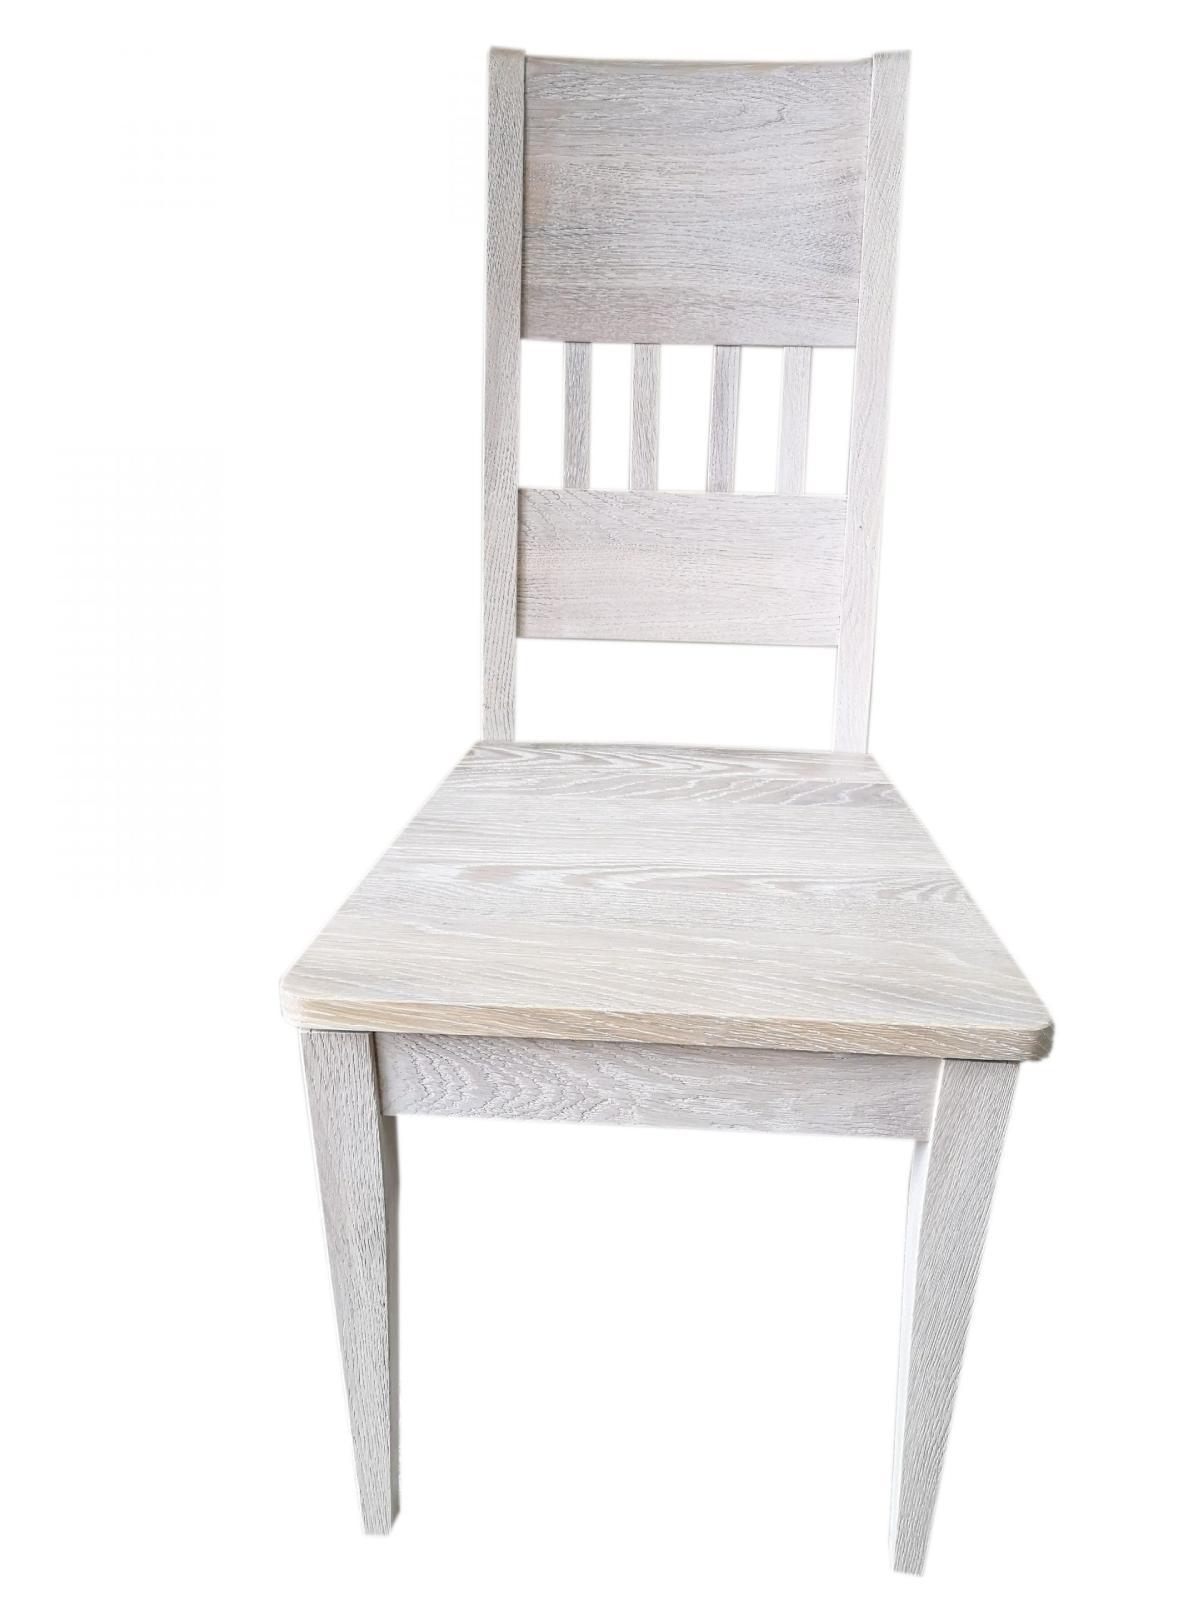 dąb-bielony-krzesło